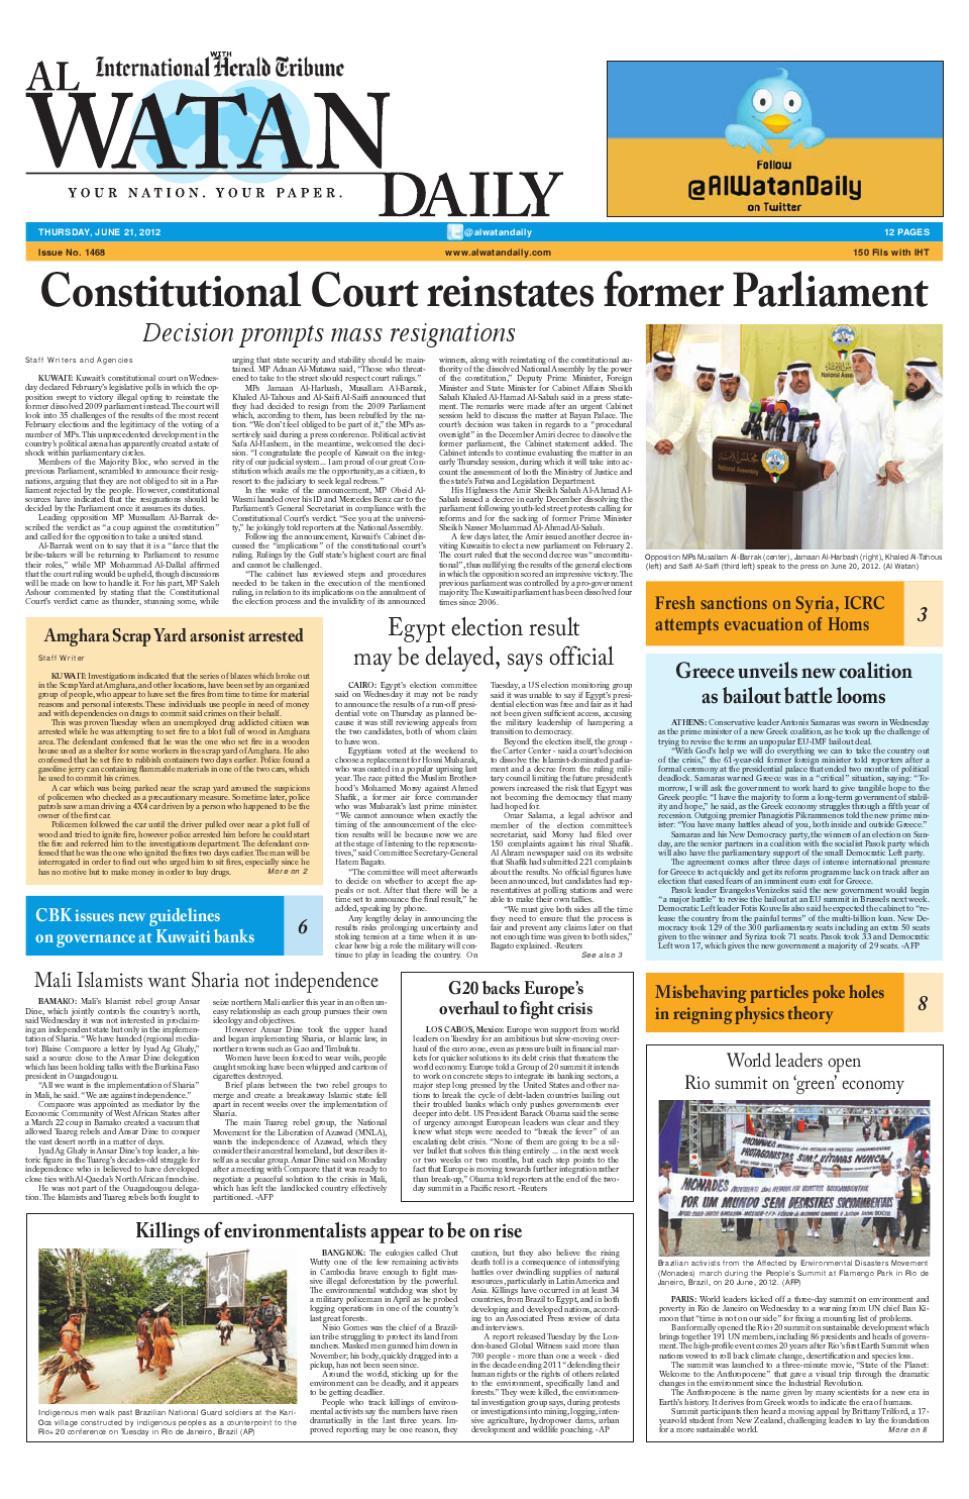 la migliore vendita rivenditore di vendita nuova versione June 21, 2012 by Al Watan Daily - issuu